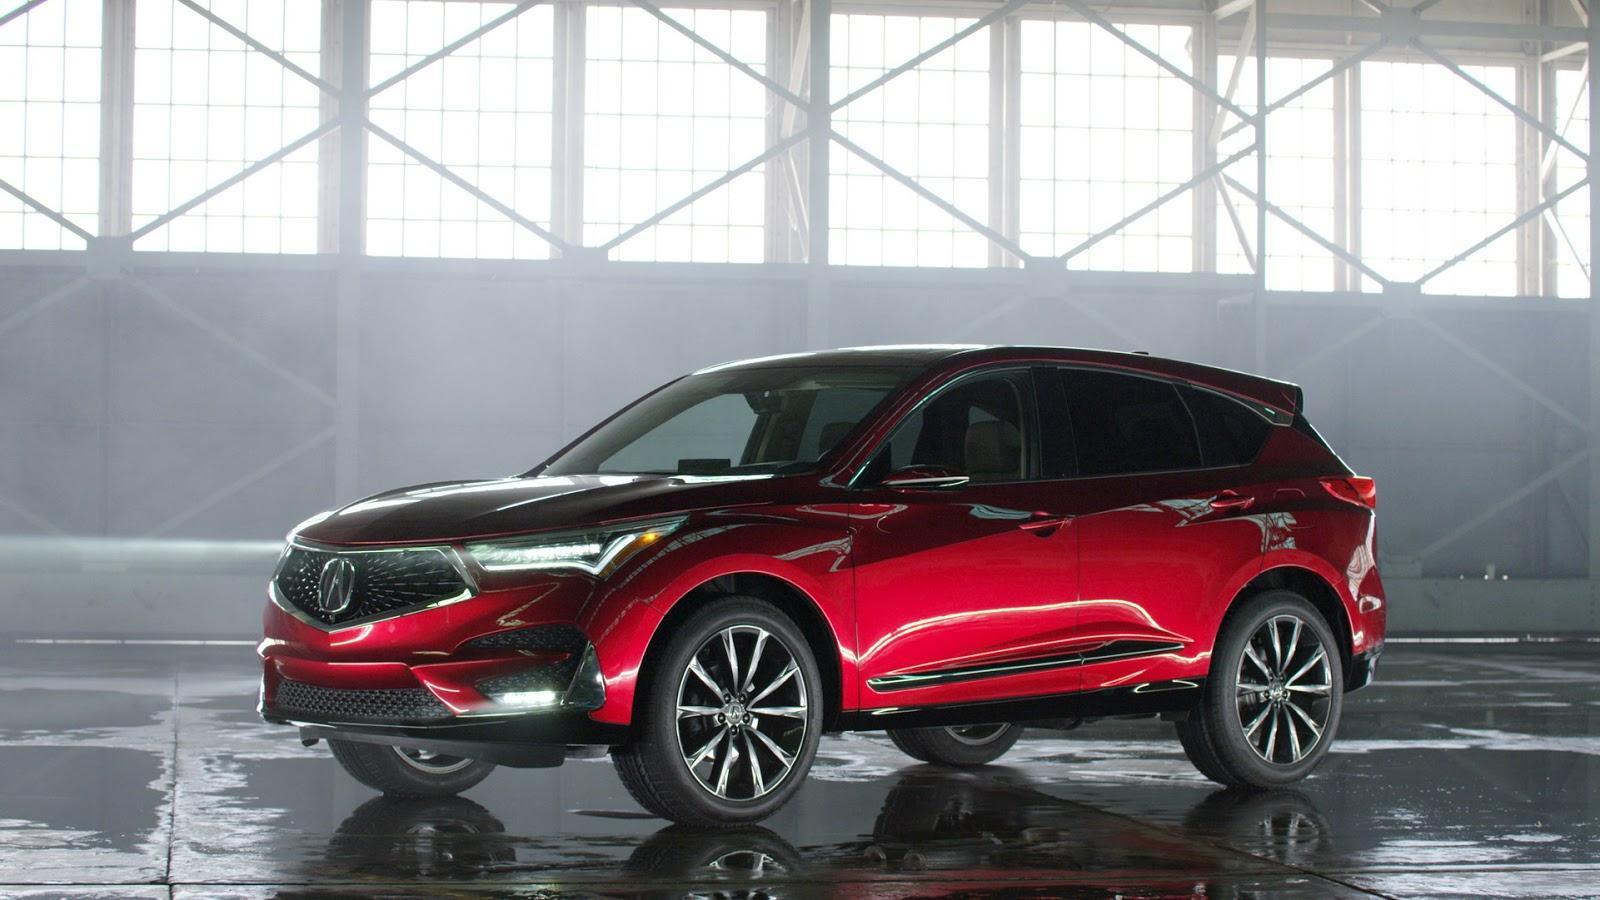 2019-Acura-RDX-4.jpg